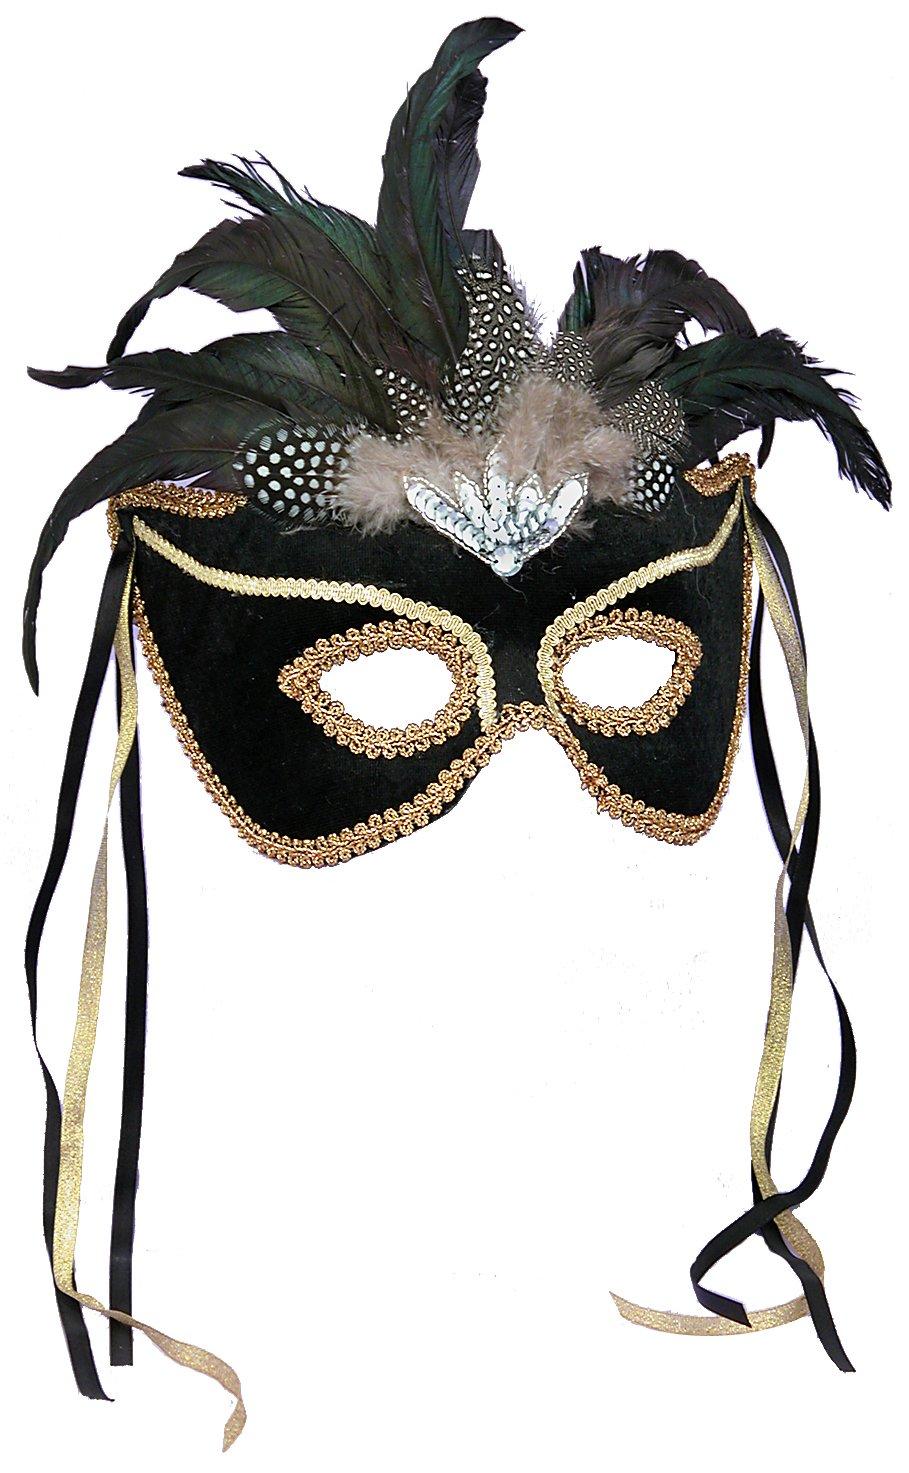 masquerade mask 032211 vector clip art free clip art images rh vector clip art com free. masquerade clip art images masquerade masks clip art free